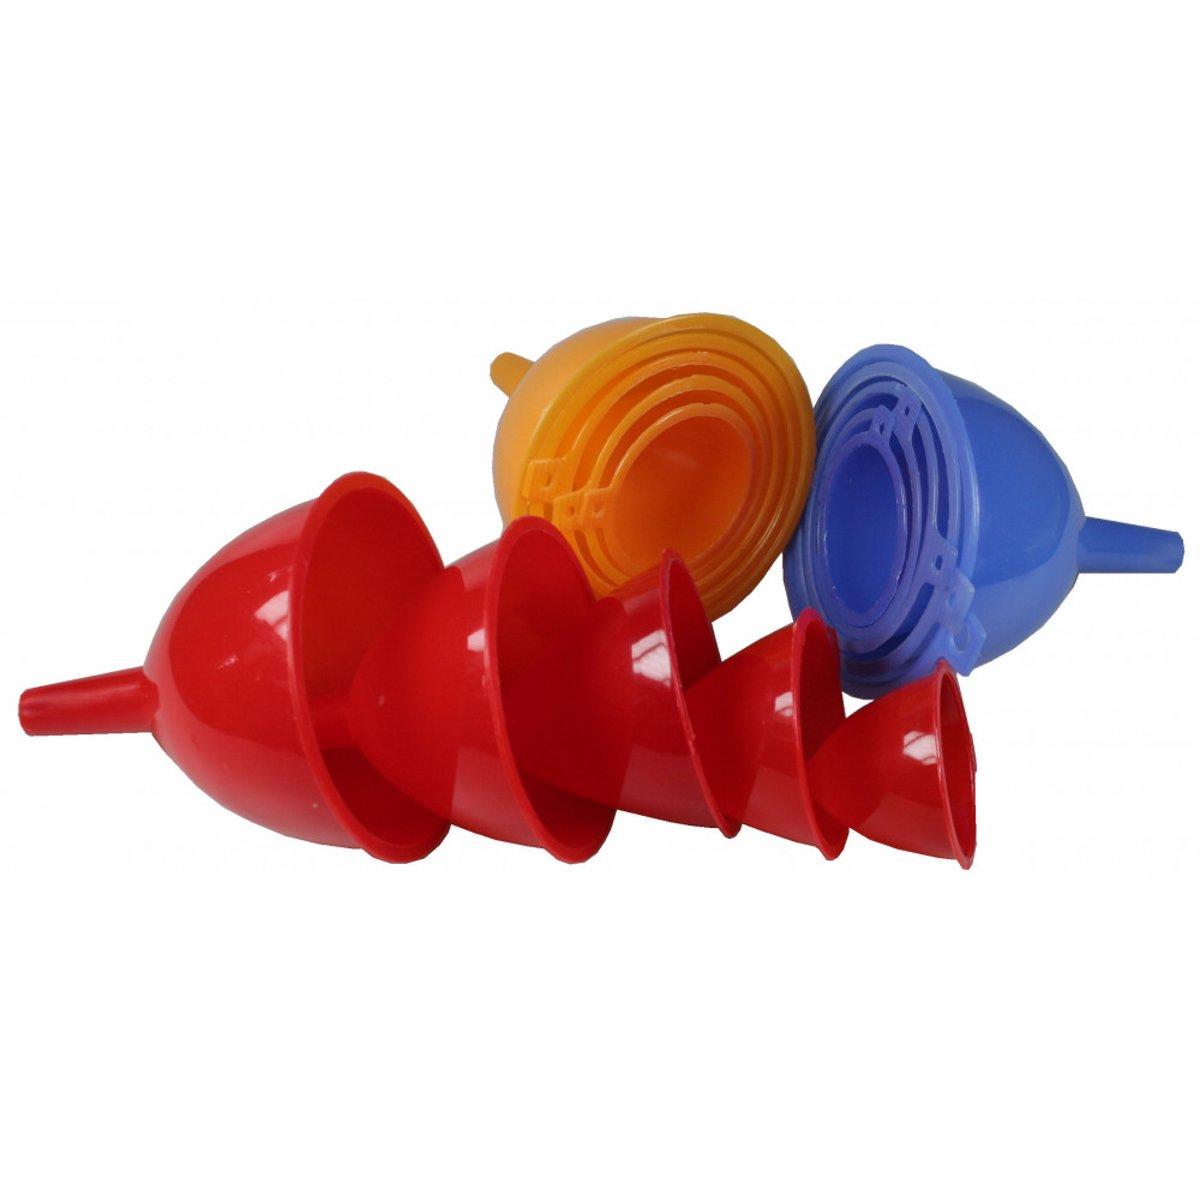 Premium Kunststof Trechter Set voor auto keuken – Olie trechter – Mini trechter - Ø 11,5 / 9,5 / 7,3 / 5,0 cm - 5 Stuks kopen